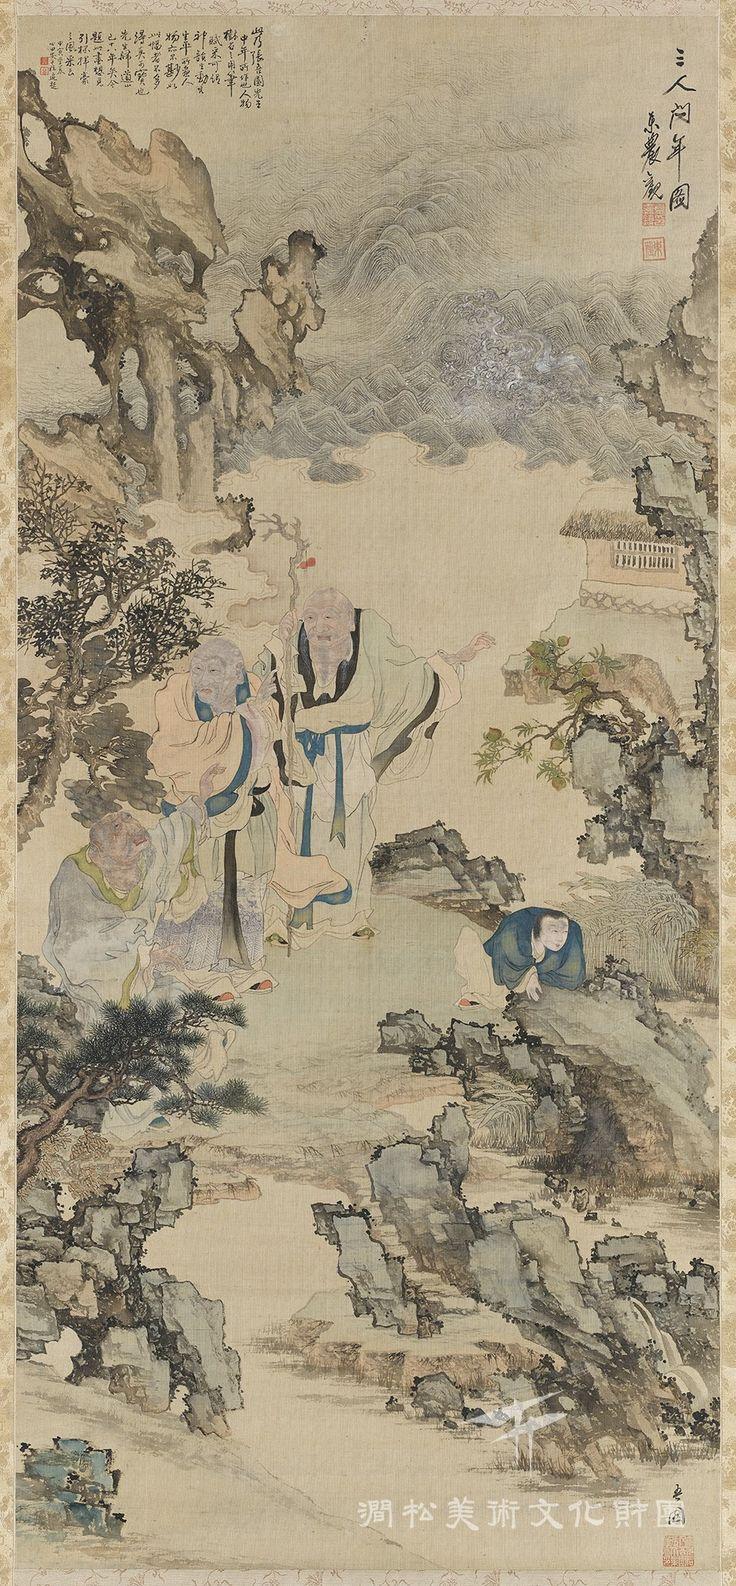 오원 장승업 (1843~1897), 1890년경 작: '삼인문년'이란 그림 제목은 소동파가 지은 '동파지림(東坡志林)'에 수록된 내용으로 세 신선 노인이 서로 나이 자랑을 하는 이야기이다. 장승업이 이런 내용을 소재로 해서 도석화를 그렸다.